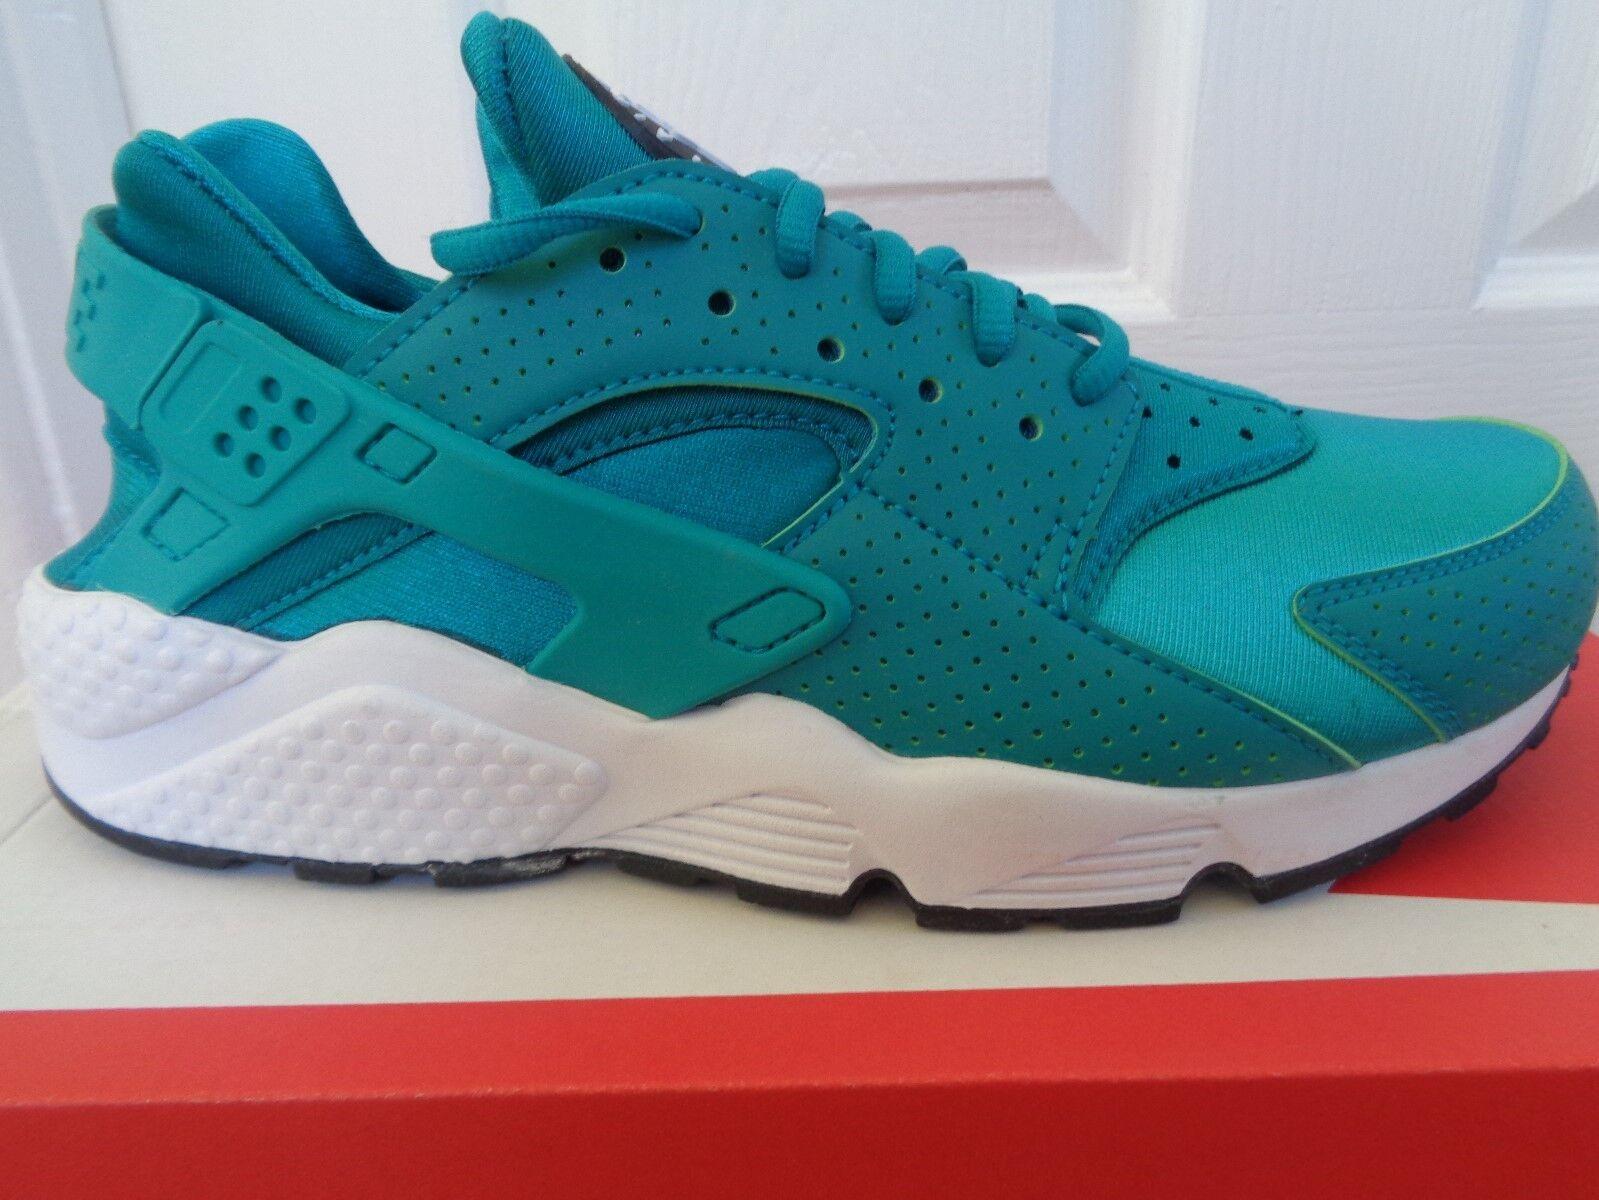 Nike Air huarache run womens trainers 634835 301 uk 3.5 eu 36.5 us 6 NEW IN BOX